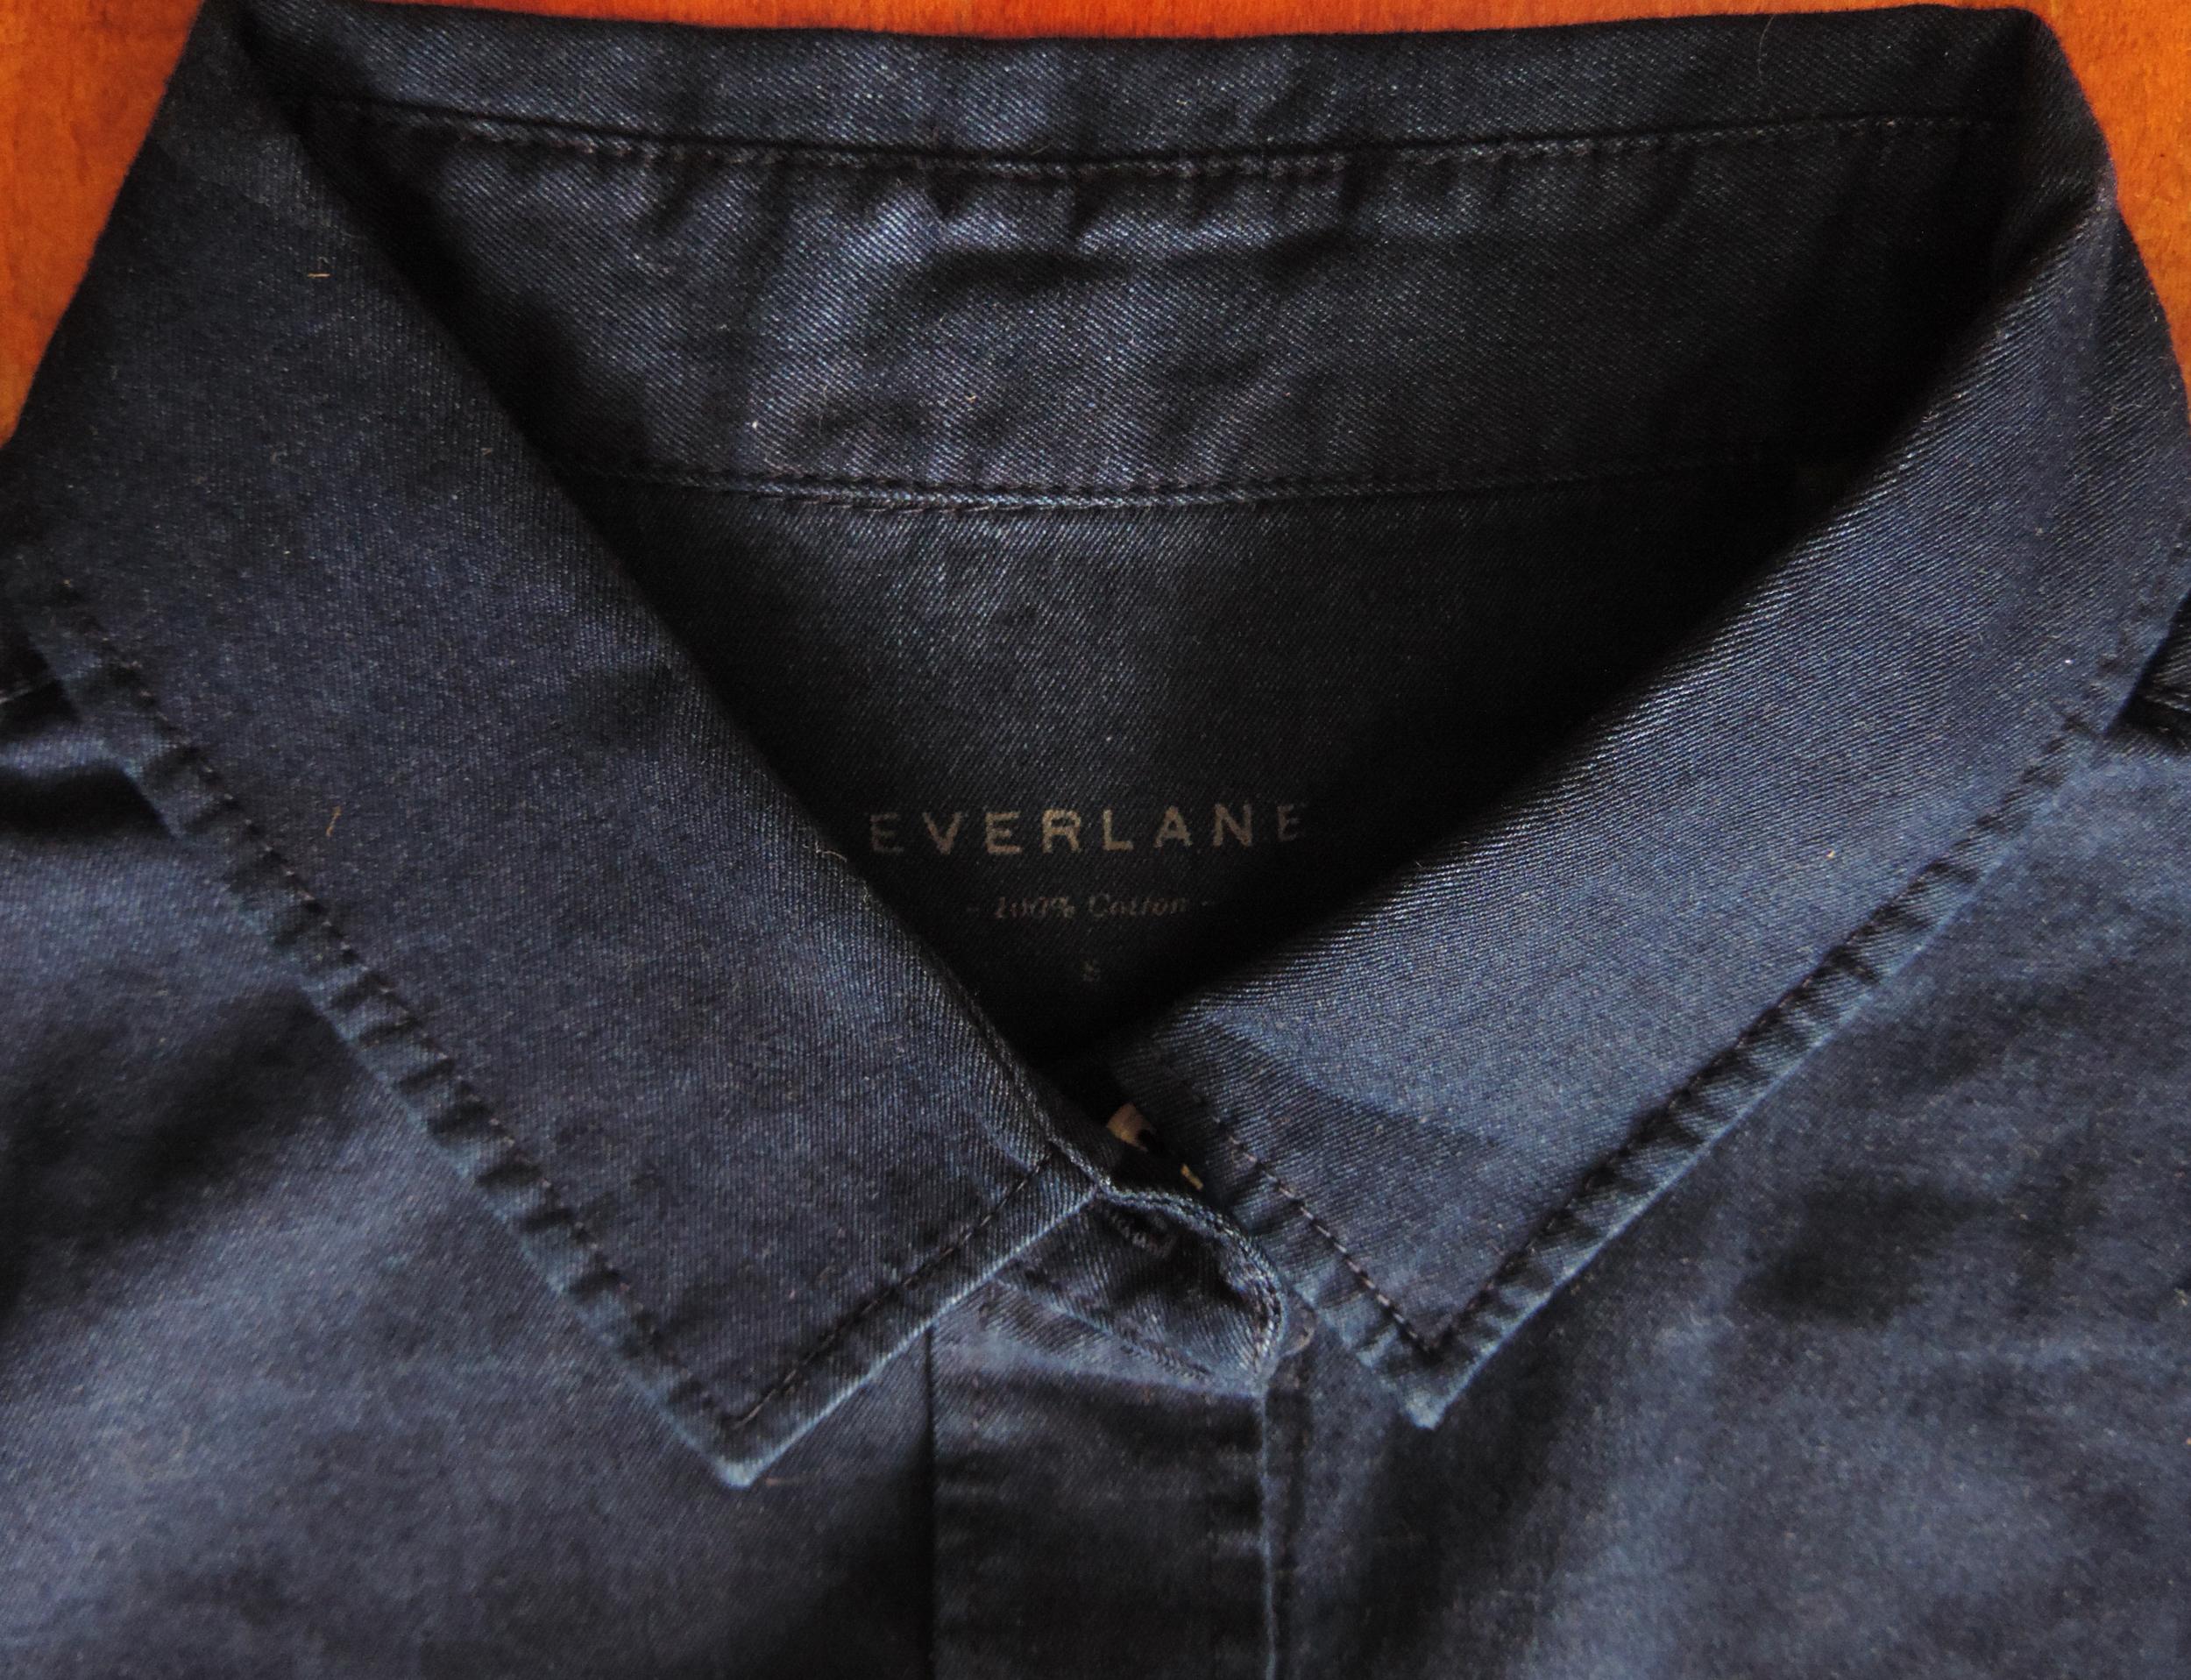 Everlane Women's Box Shirt